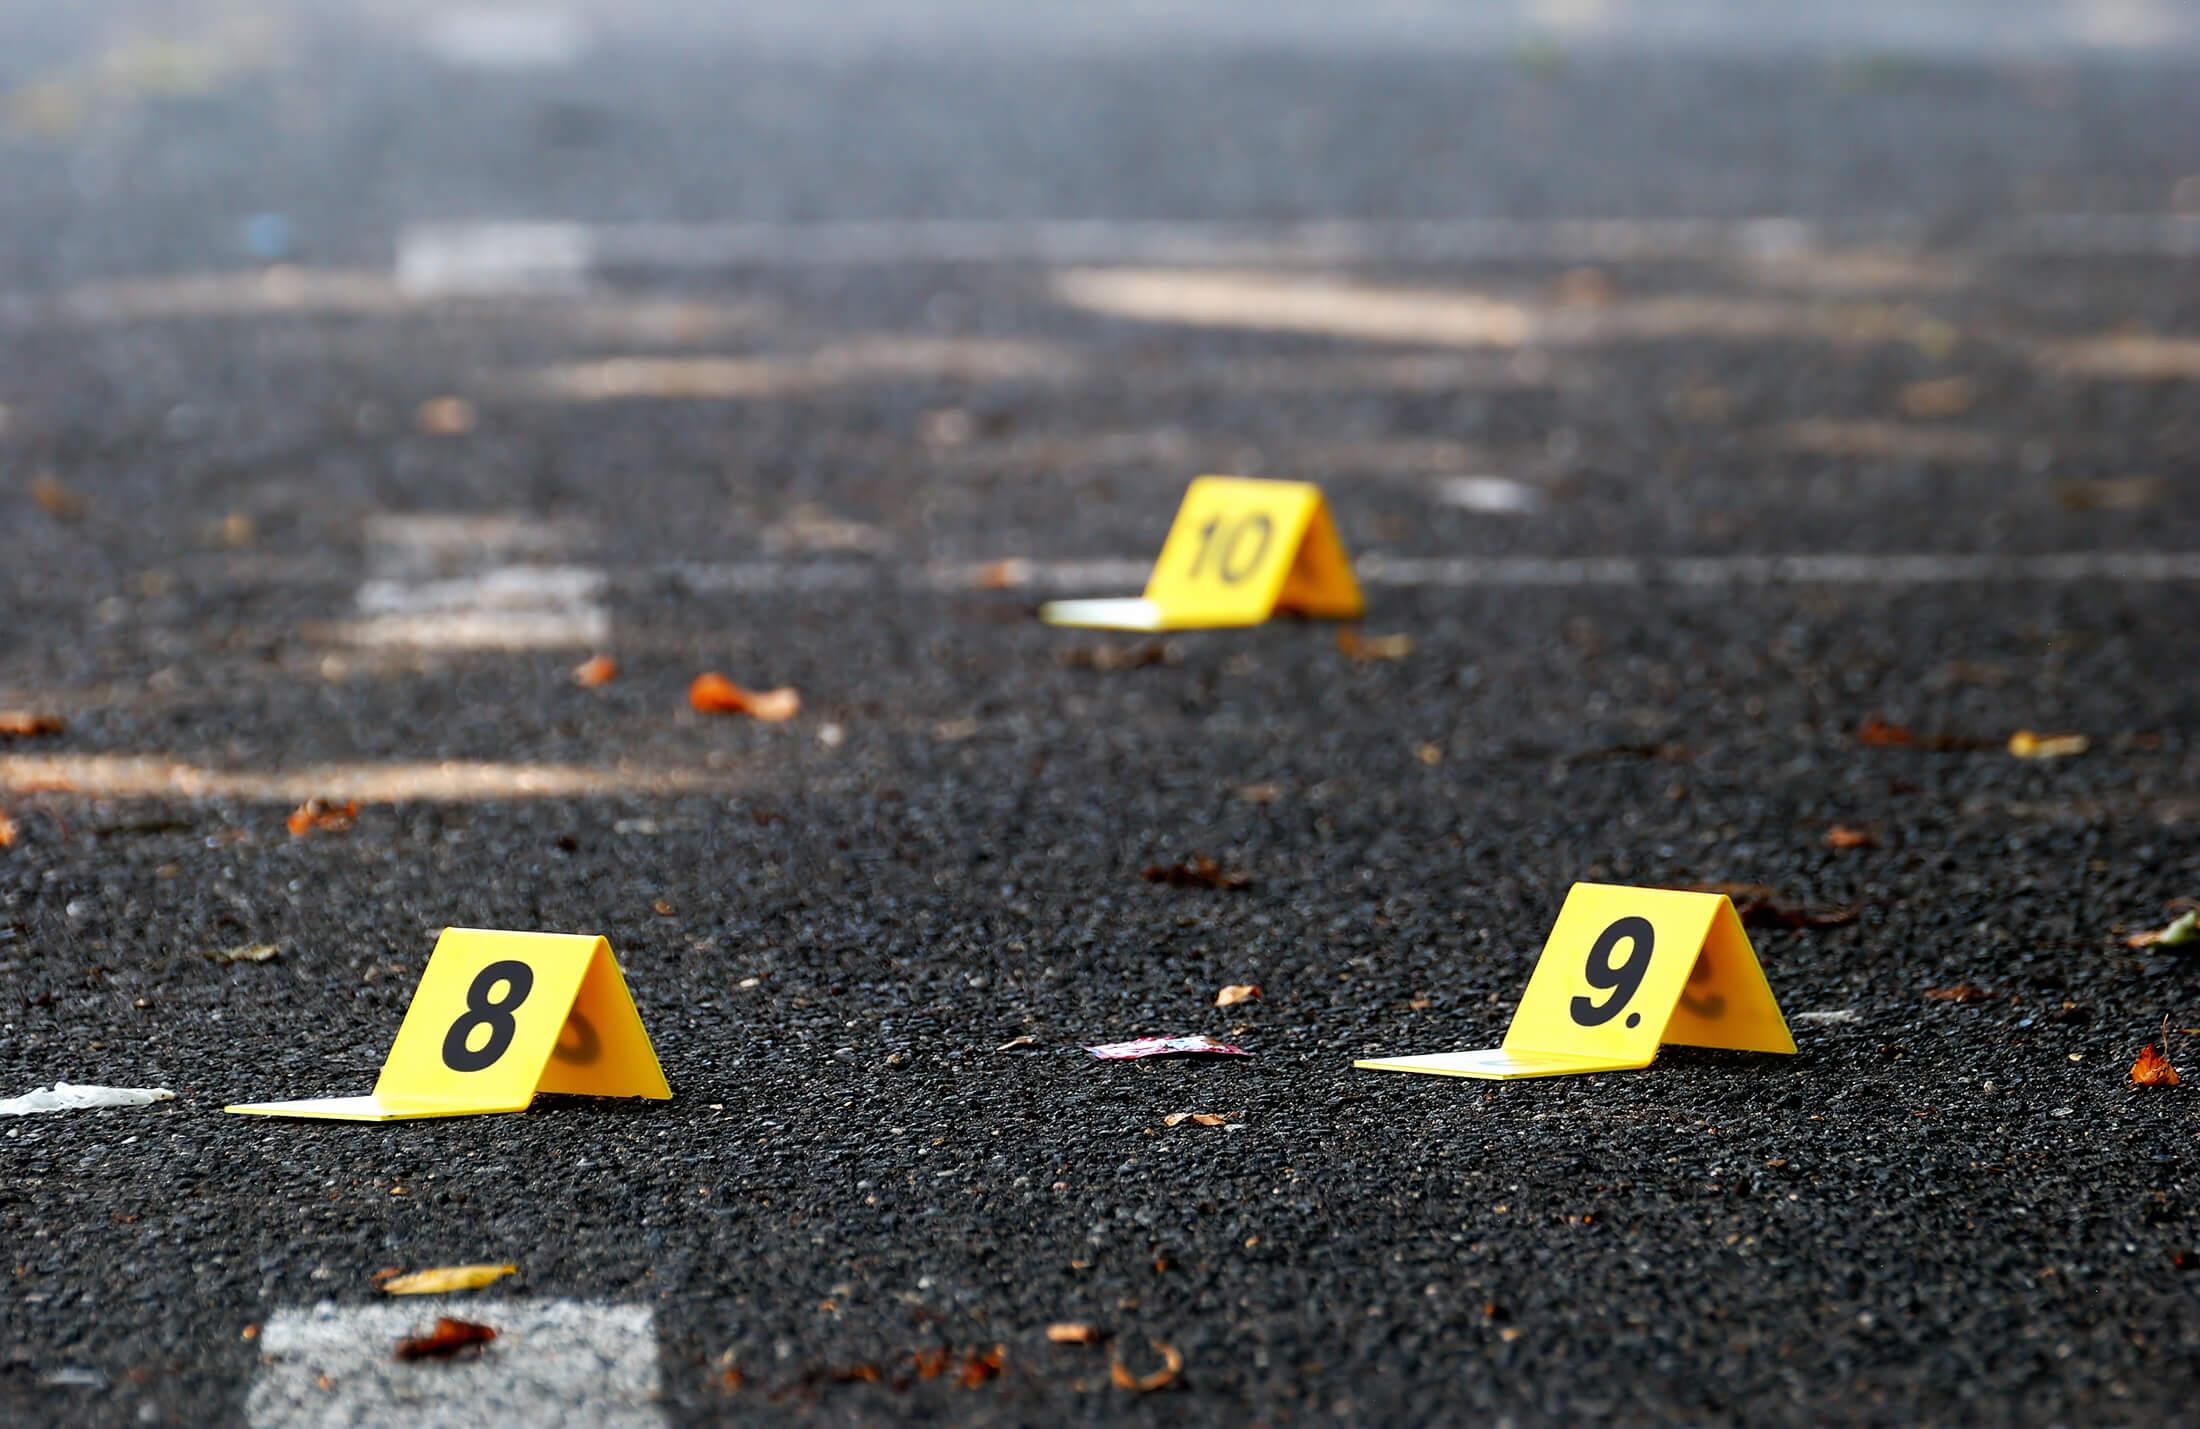 https://andrewheherlaw.com/wp-content/uploads/2019/07/crime-scene.jpg